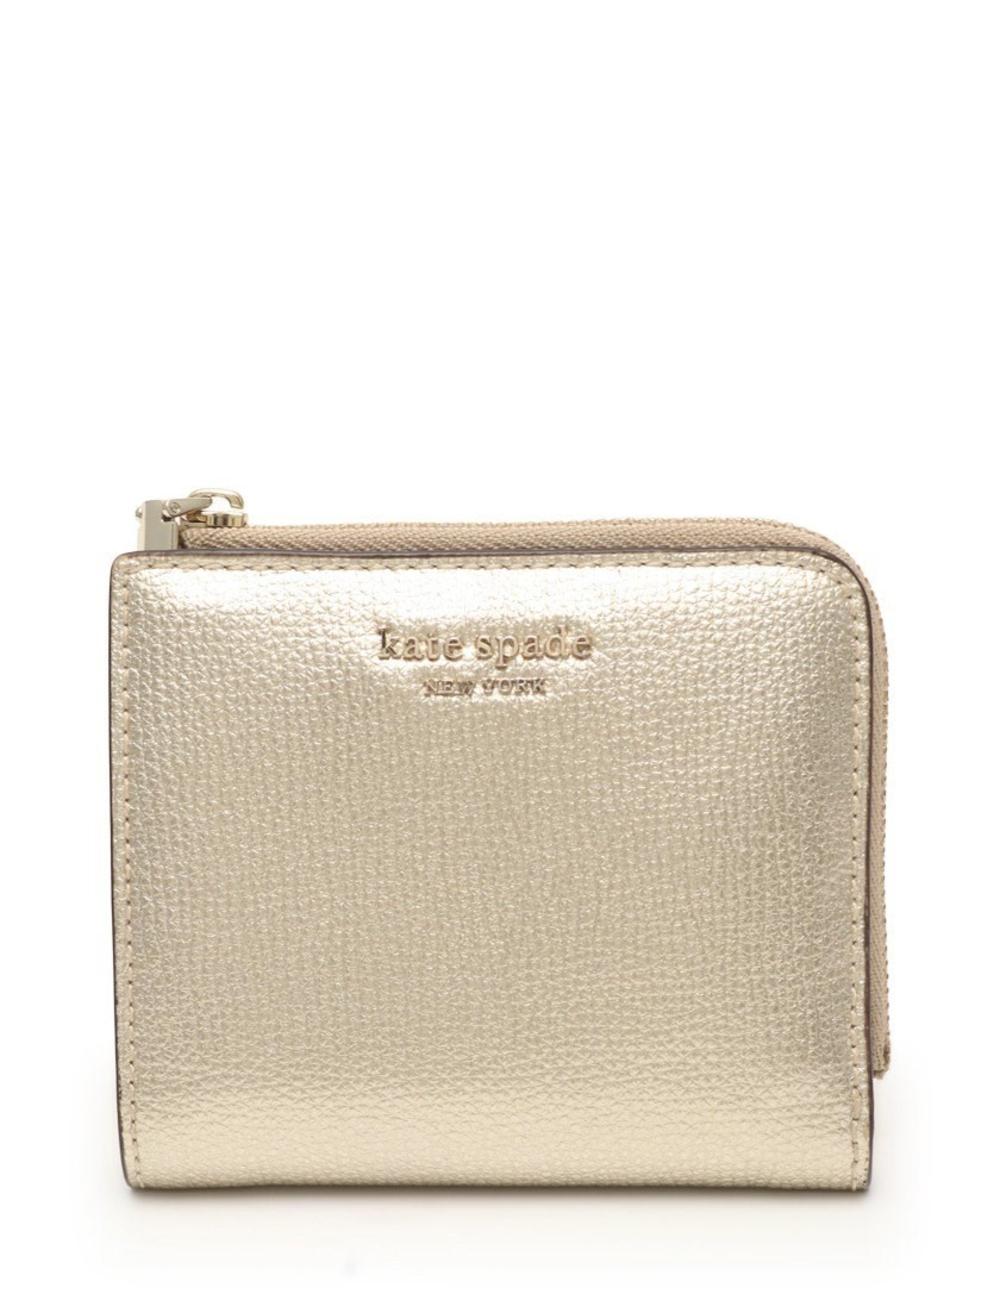 材質:皮革 顏色:香檳金色 垂直:9 寬度:10.8 厚度:2.5 產品規格:內部:名片盒×6,皮夾×1 外面:開放式口袋×1,×1零錢包 型號:PWRU7250 ※長度單位為厘米,重量單位為克 條件